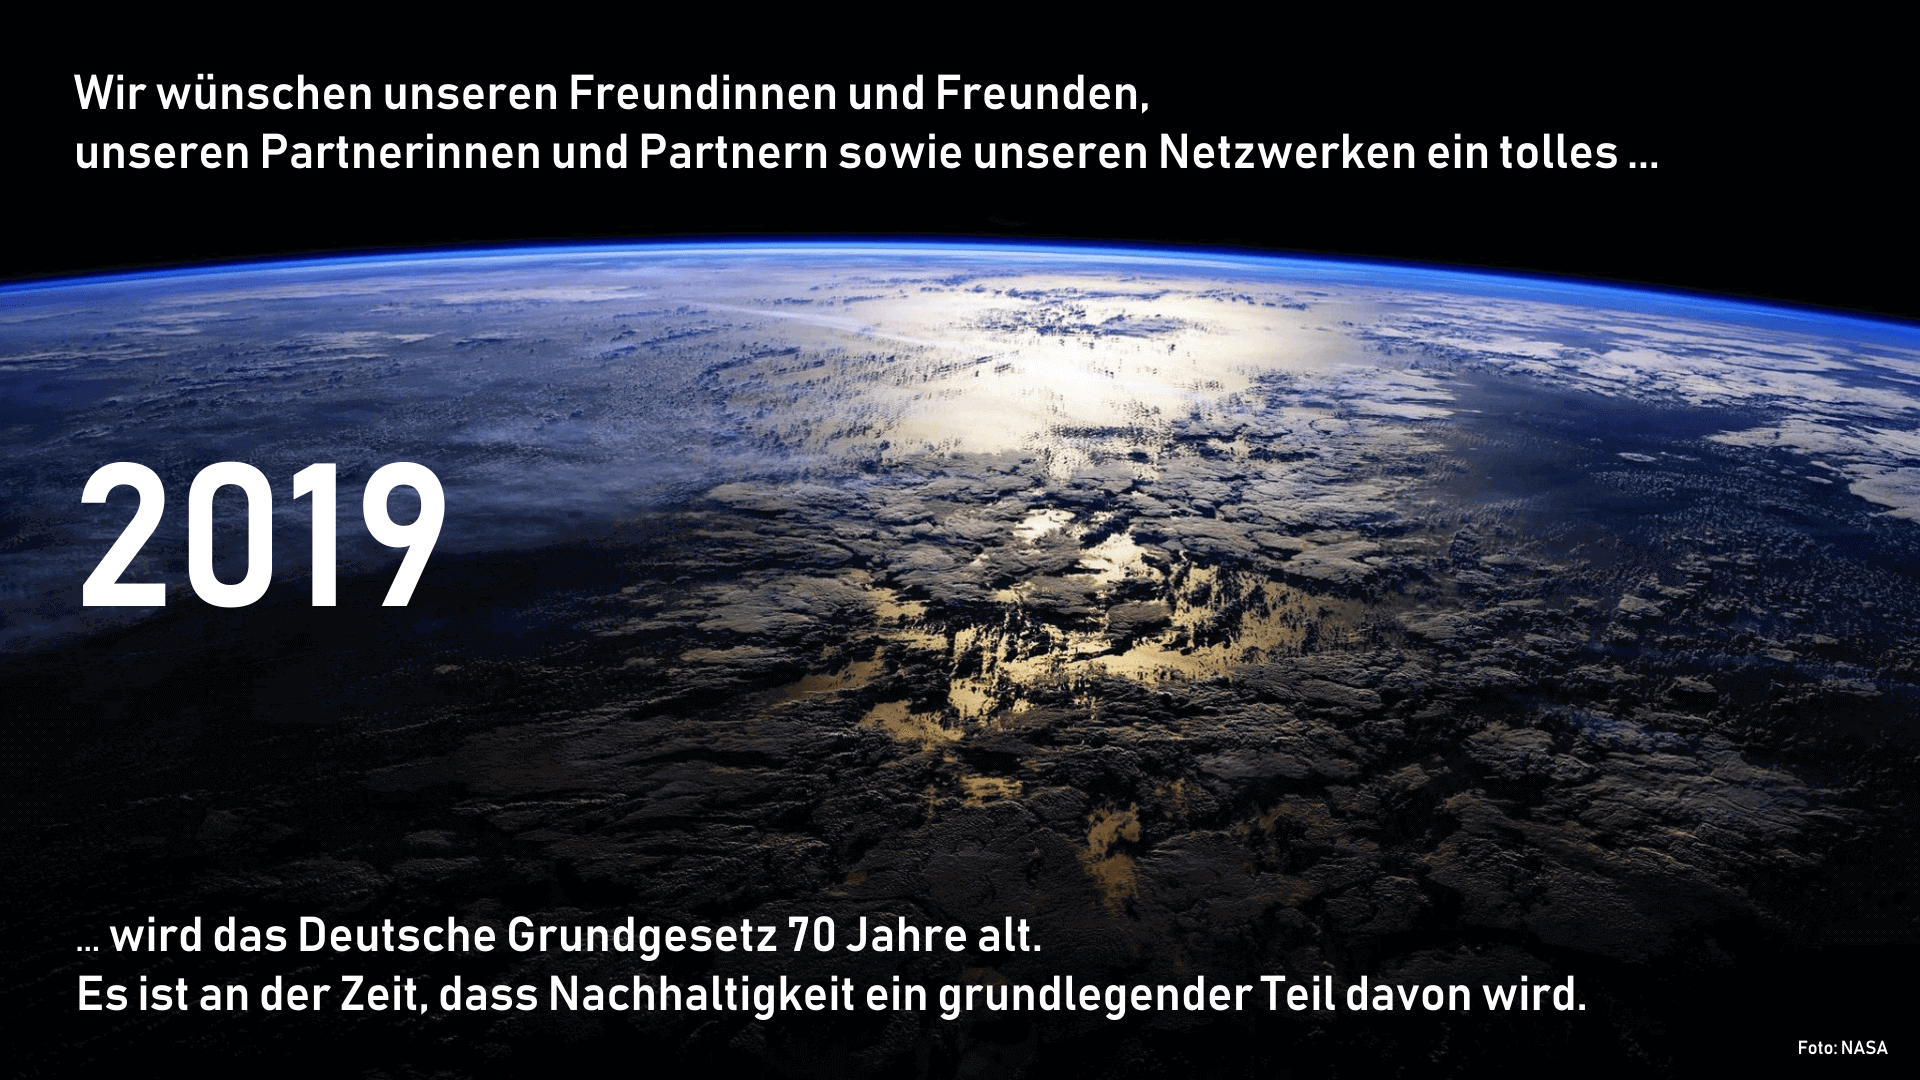 Wir wünschen unseren Freundinnen und Freunden, unserern Partnerinnen und Partnern sowie unseren Netzwerken ein tolles ... 2019 ... wird das Deutsche Grundgesetz 70 Jahre alt. Es ist an der Zeit, dass Nachhaltigkeit ein grundlegender Teil davon wird.